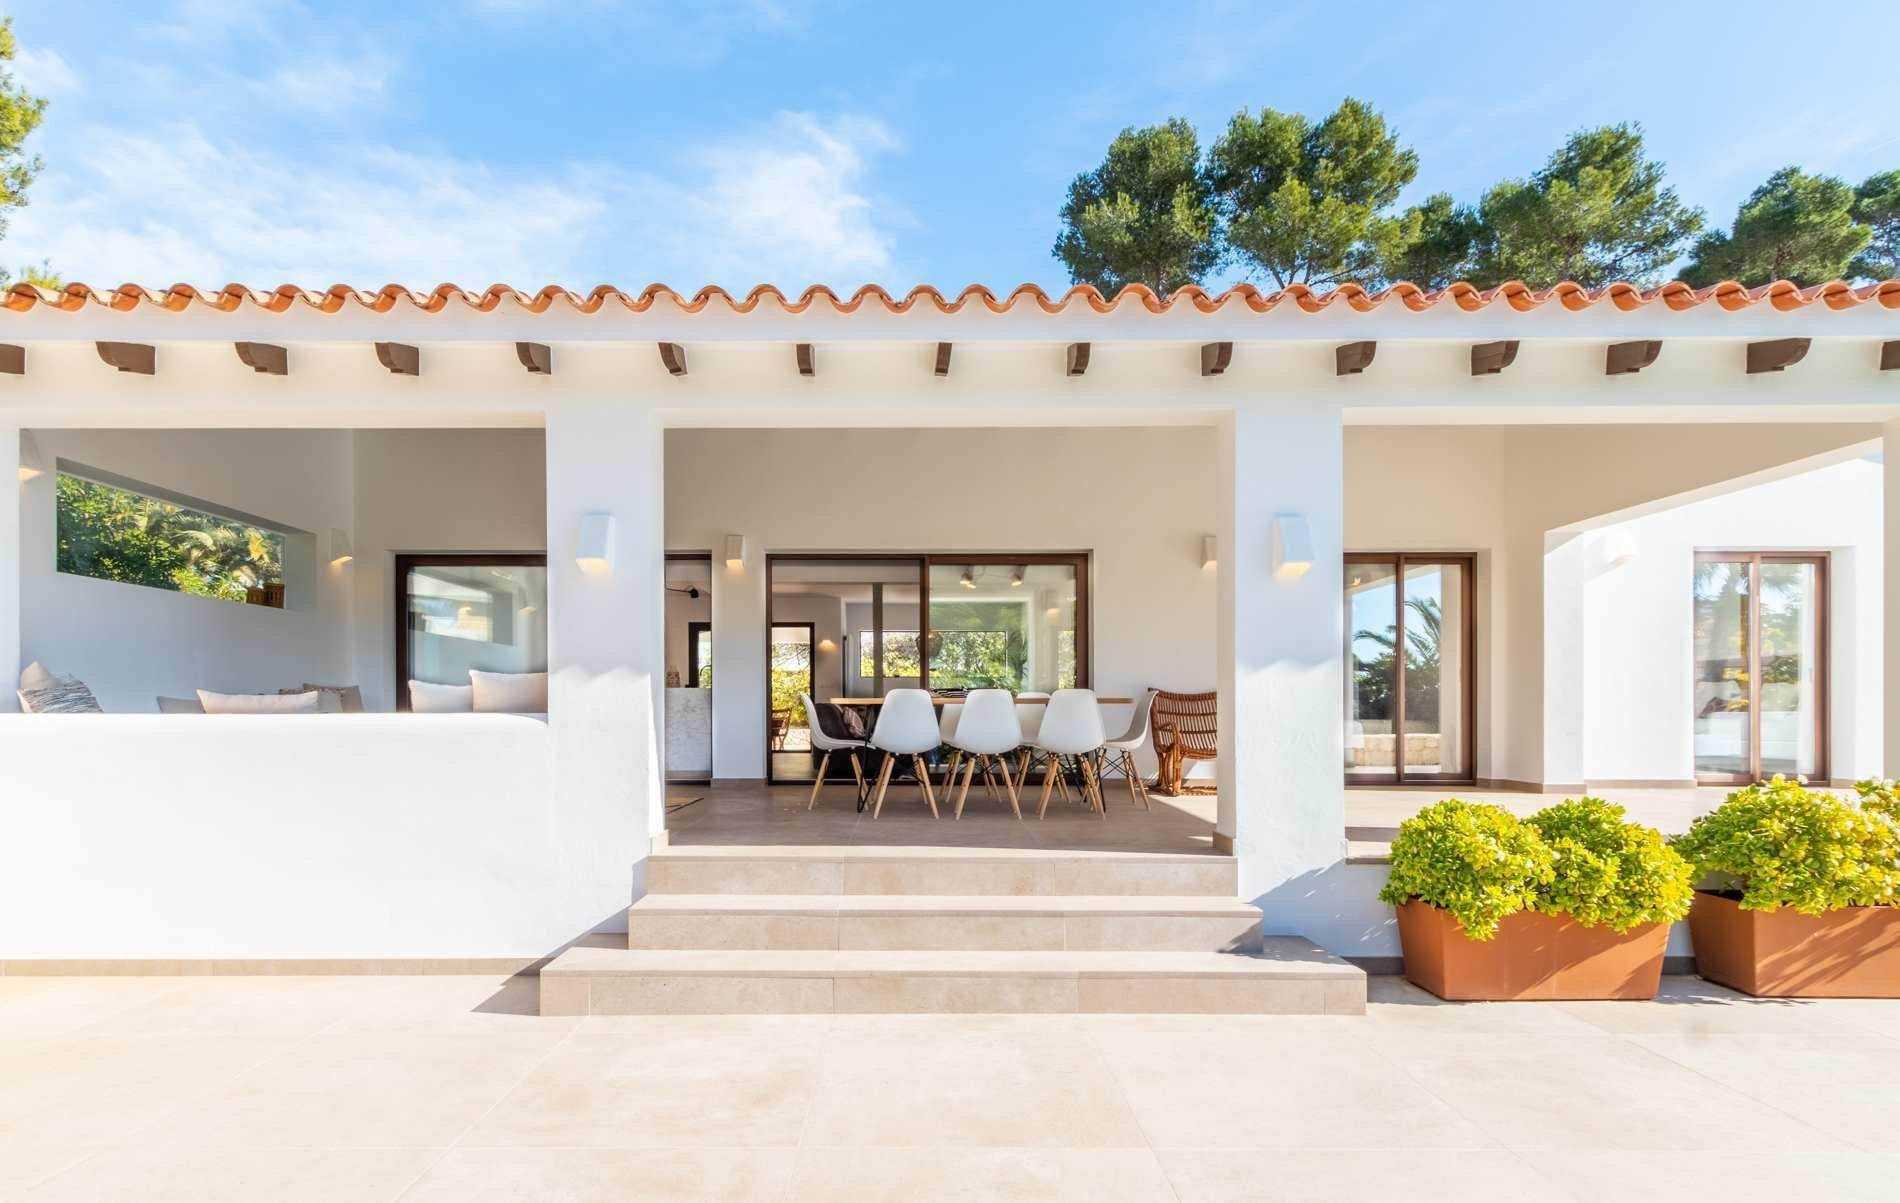 Villa in Moraira, Valencian Community, Spain 1 - 11330608